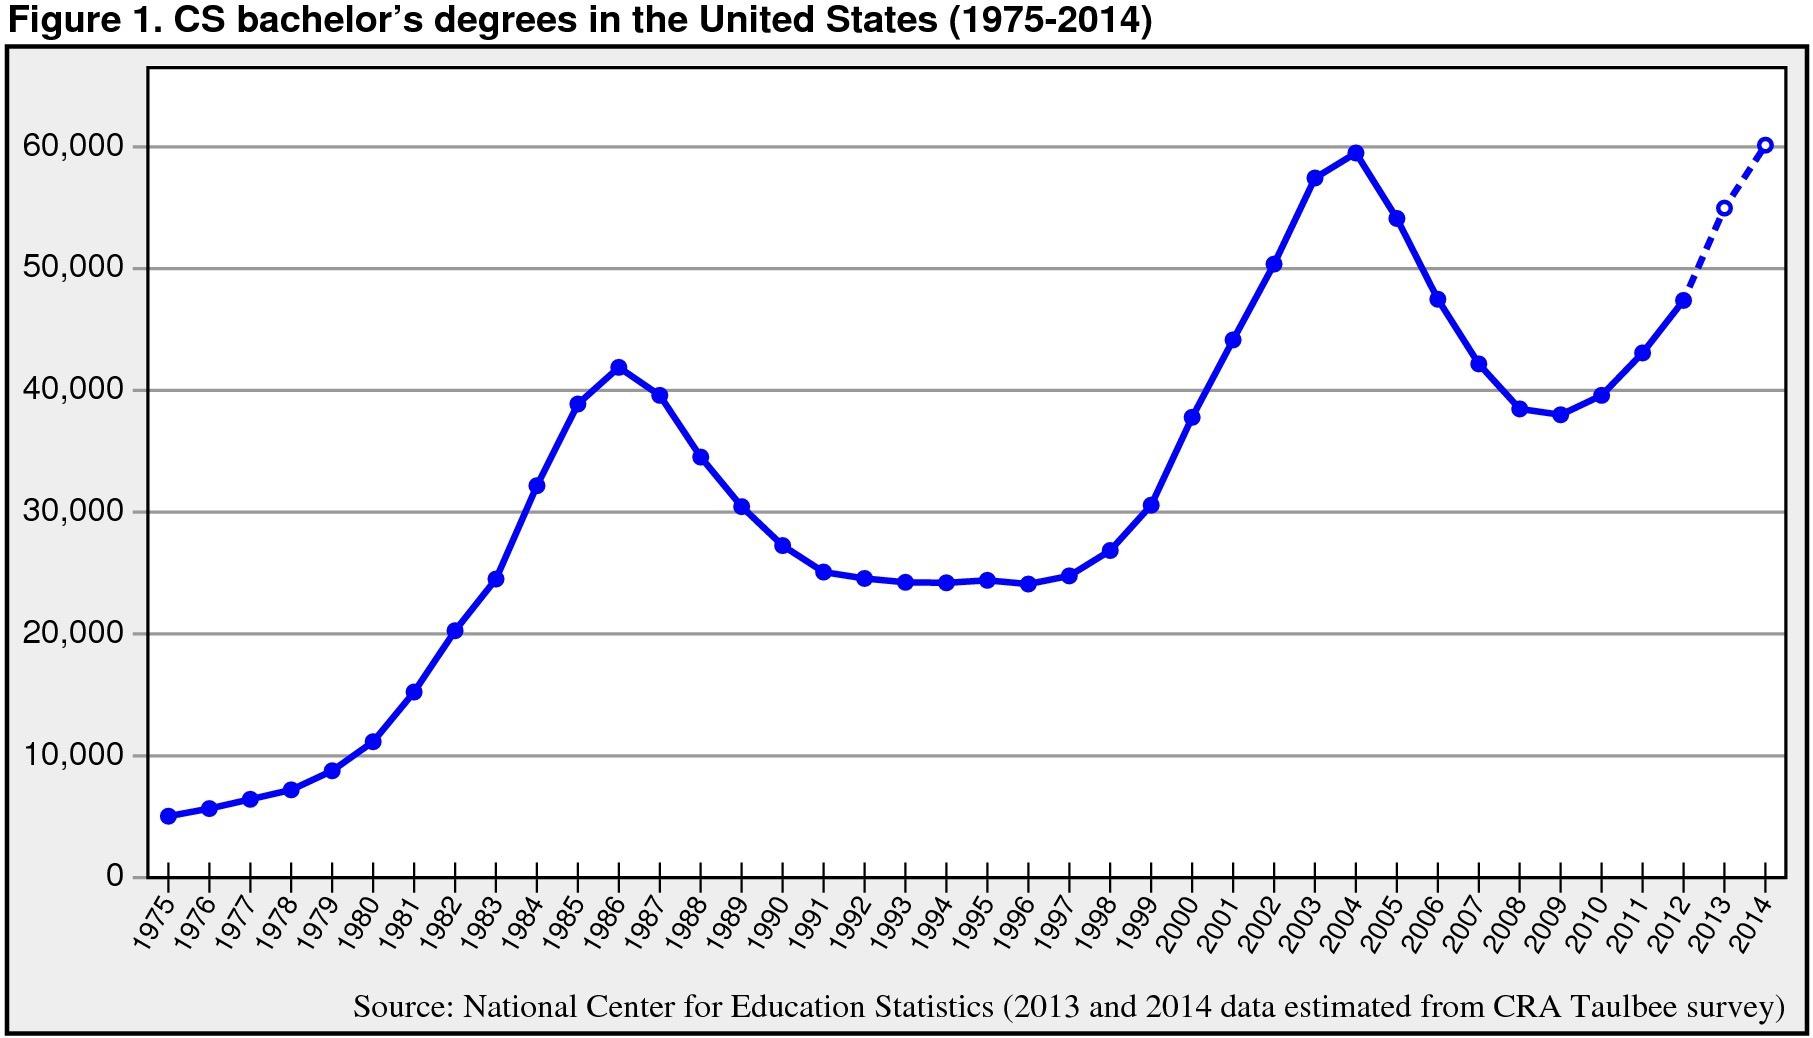 CS bachelor degrees in US 1975-2014